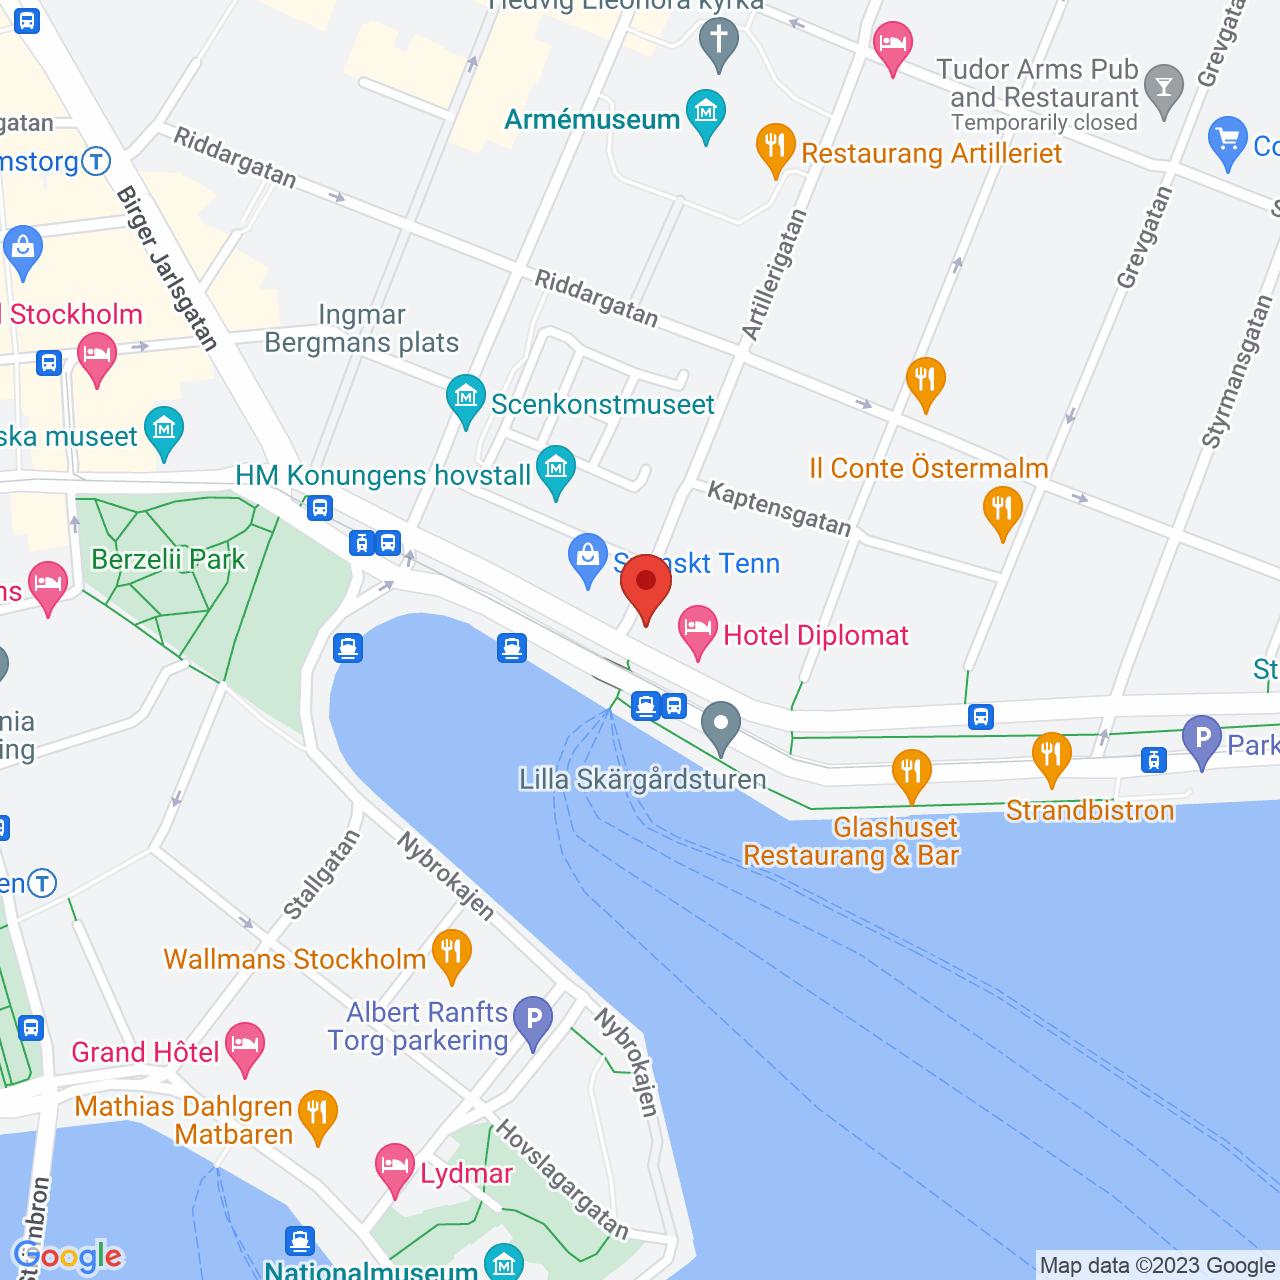 Strandvägen 7A, 114 51 Stockholm, Sweden